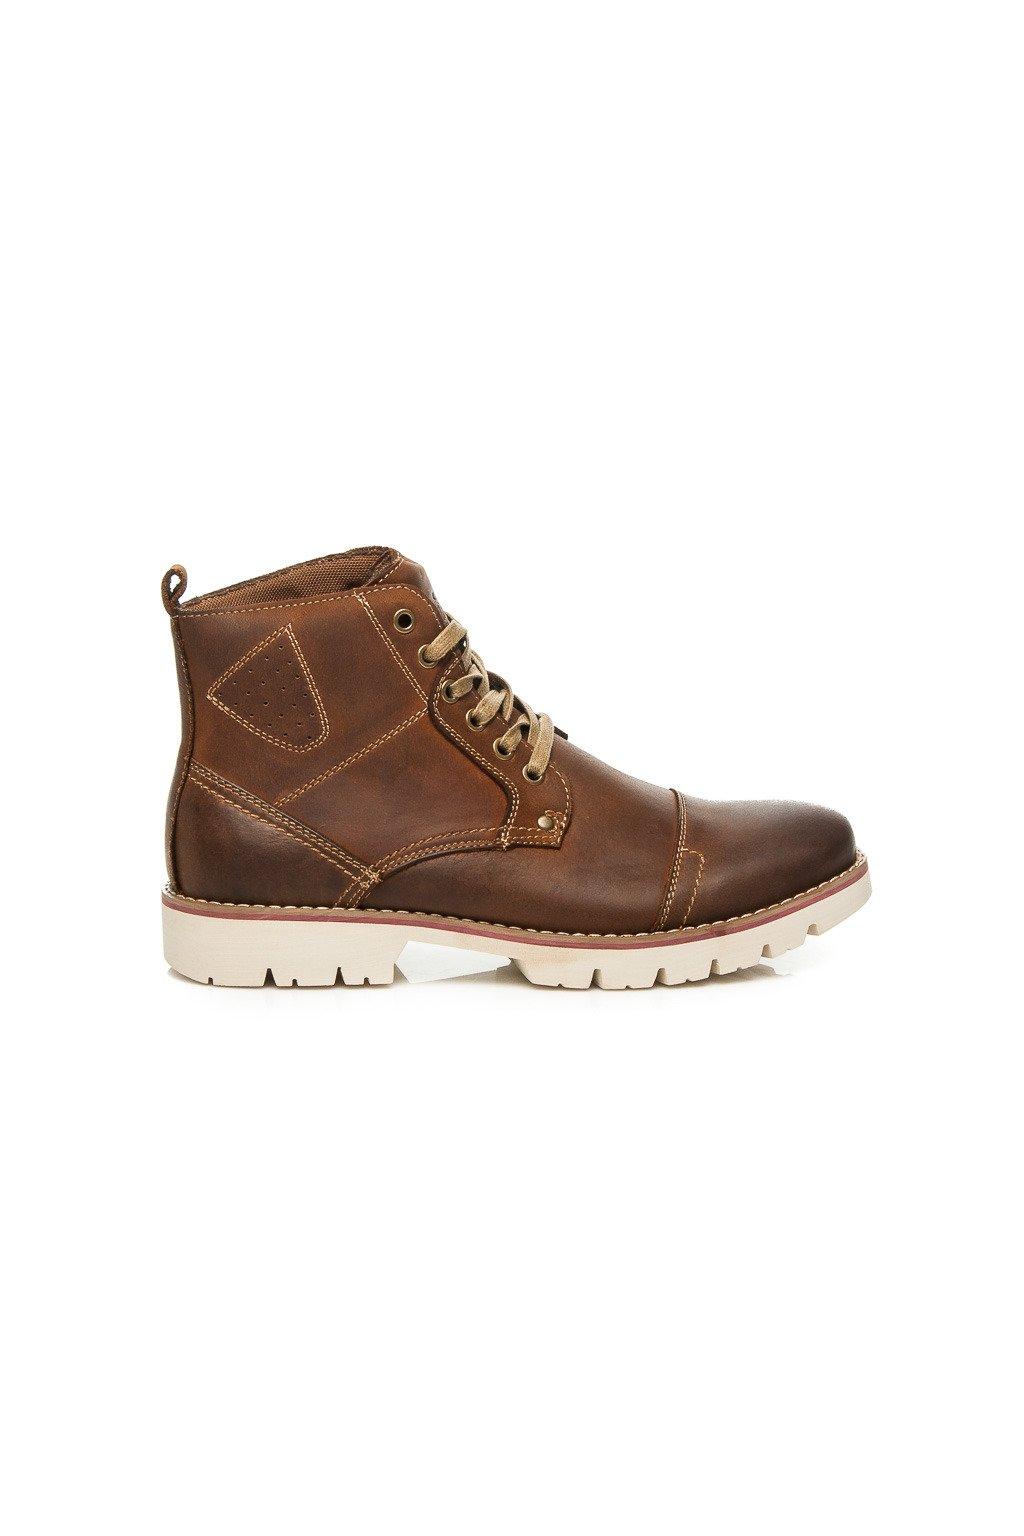 Kožené topánky s protektorovanou podrážkou  SH5476-1DK.BR (Veľkosť 47)